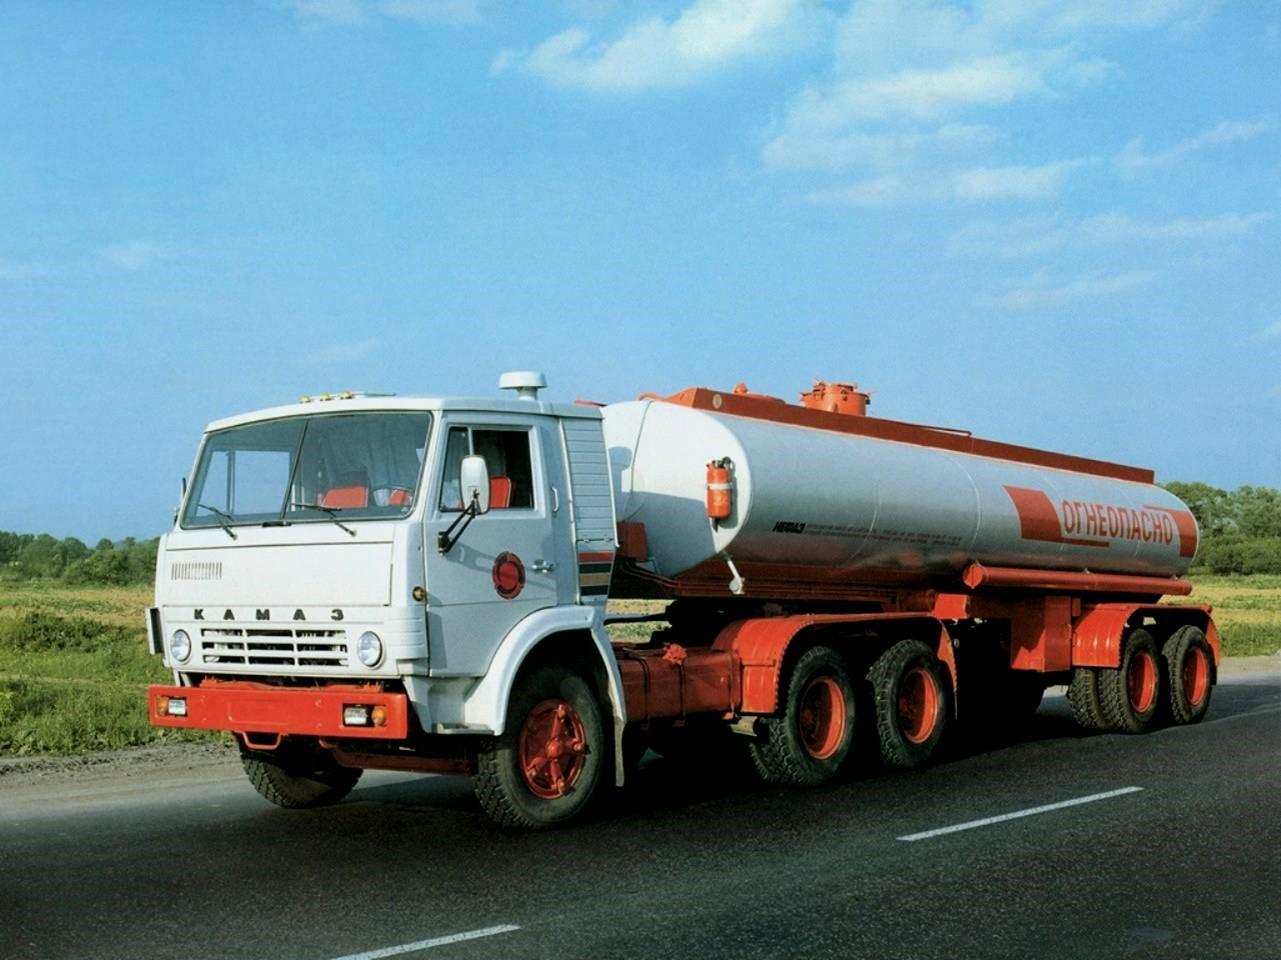 Автомобилю КАМАЗ-5410 - 39 лет!